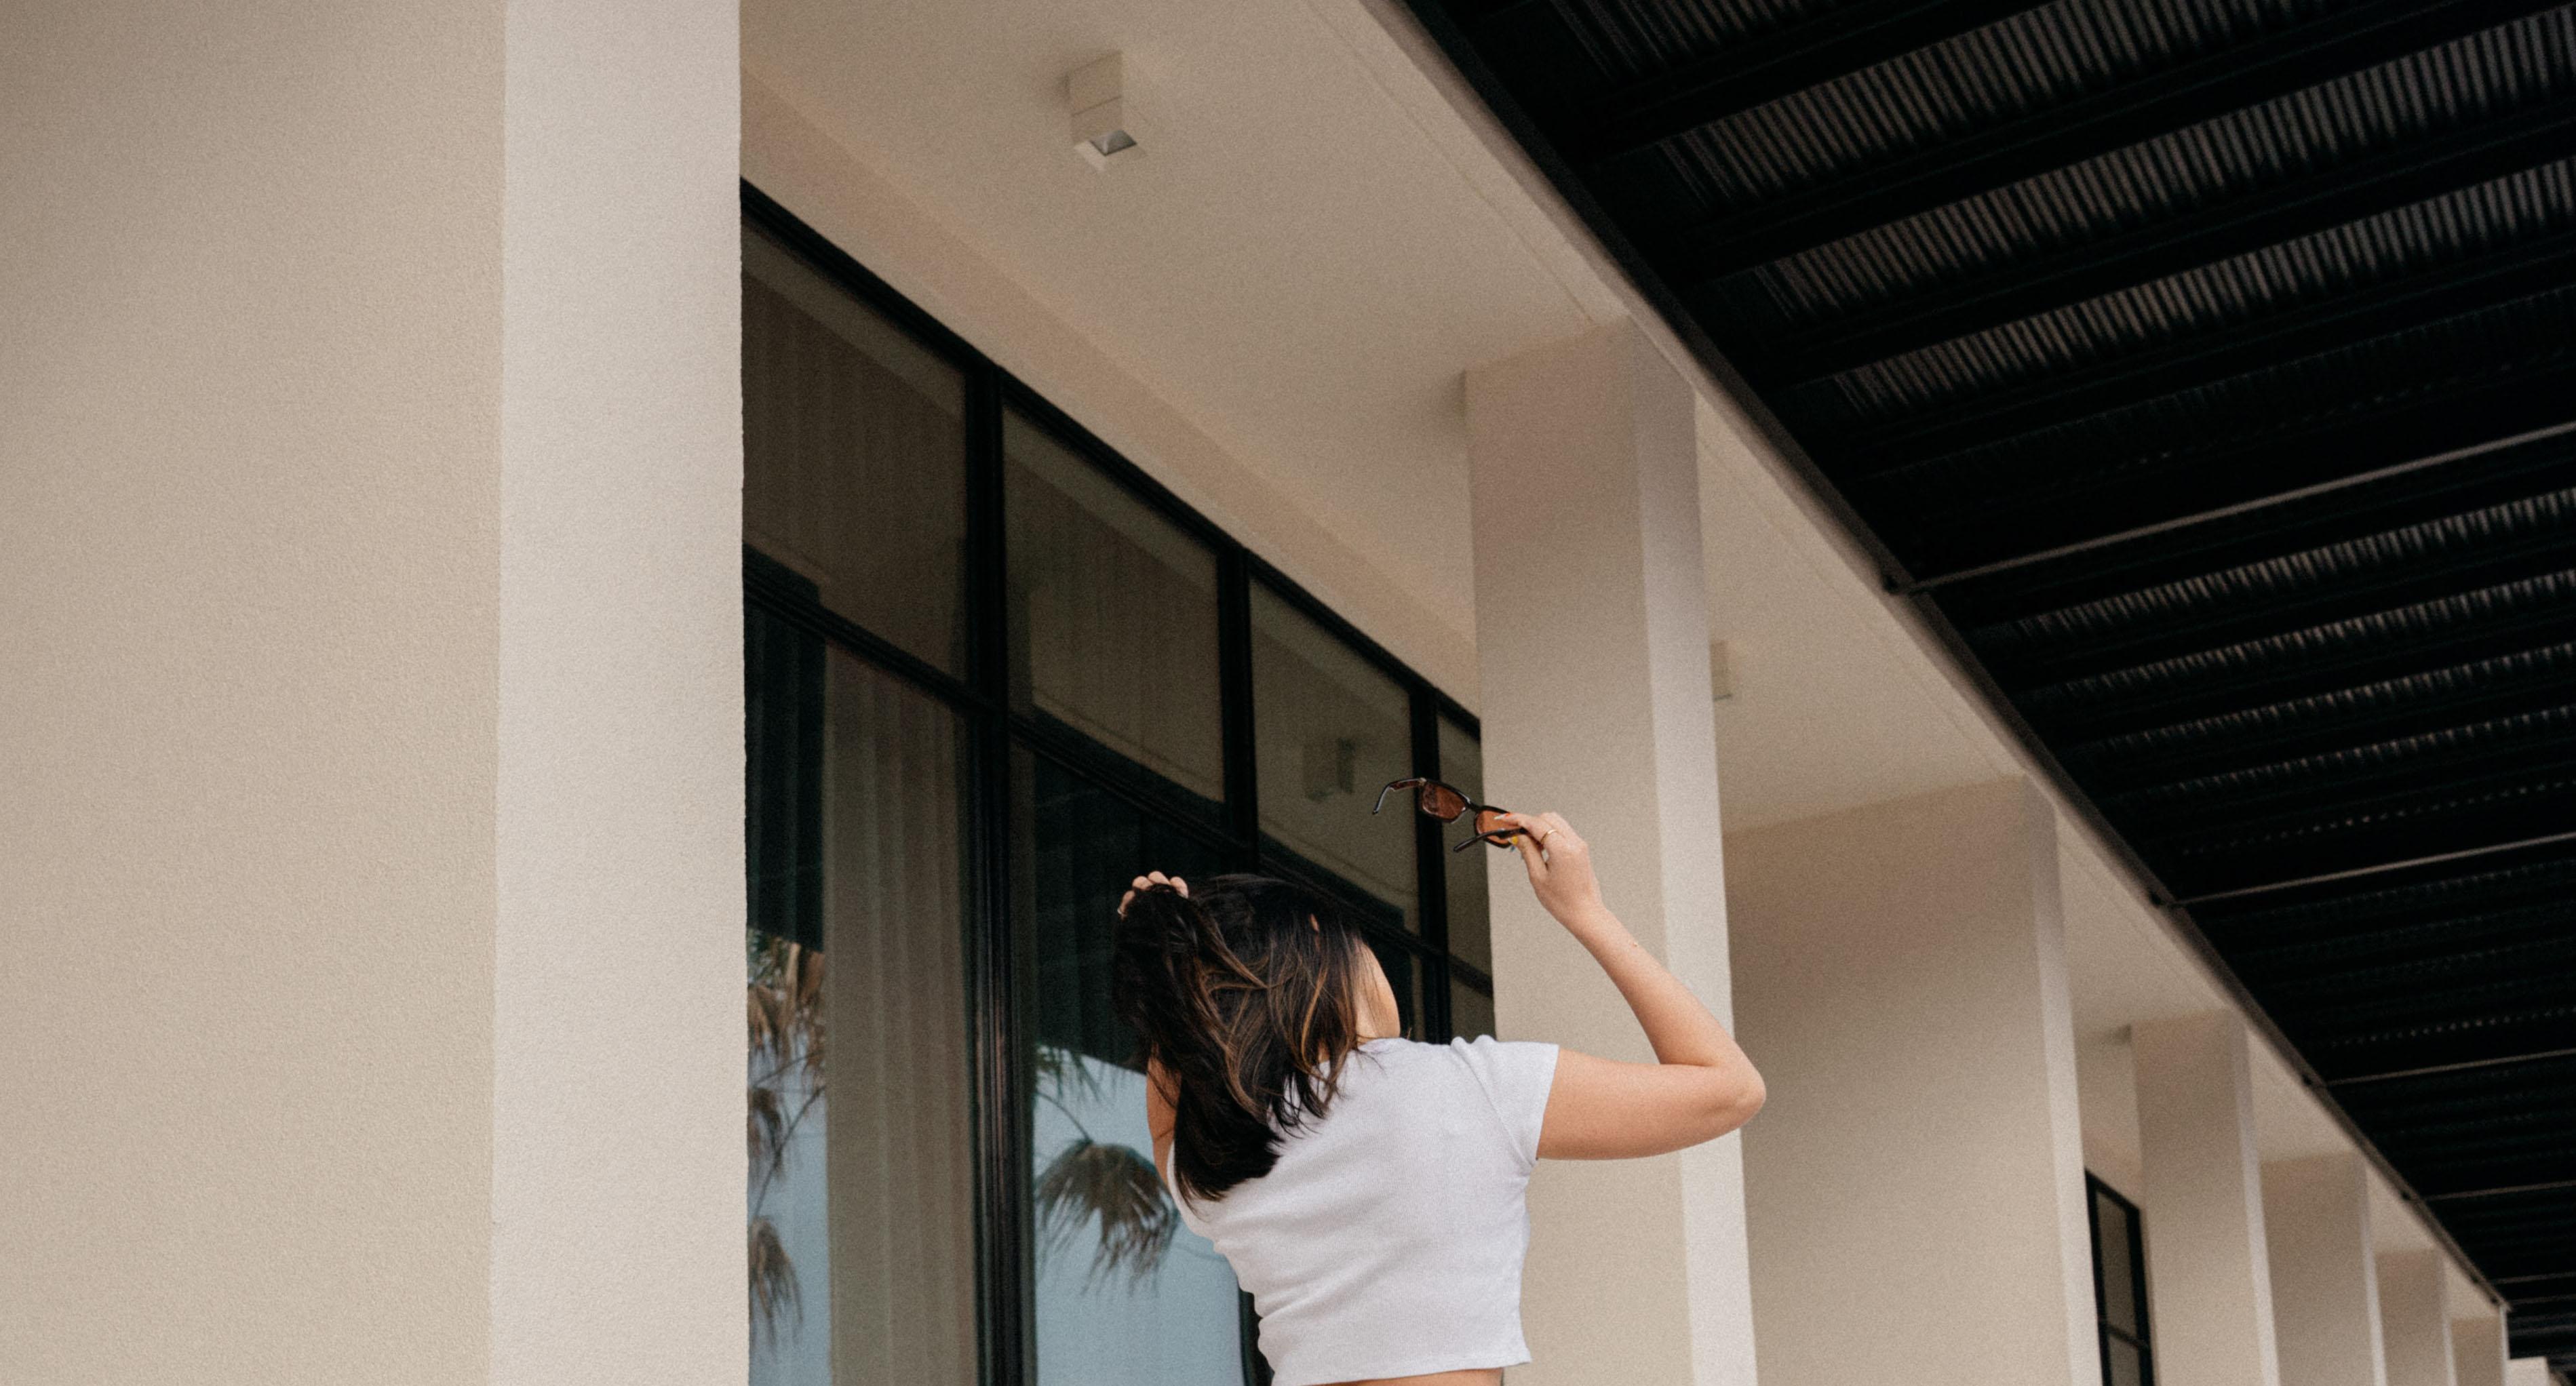 Alyssa flipping her hair